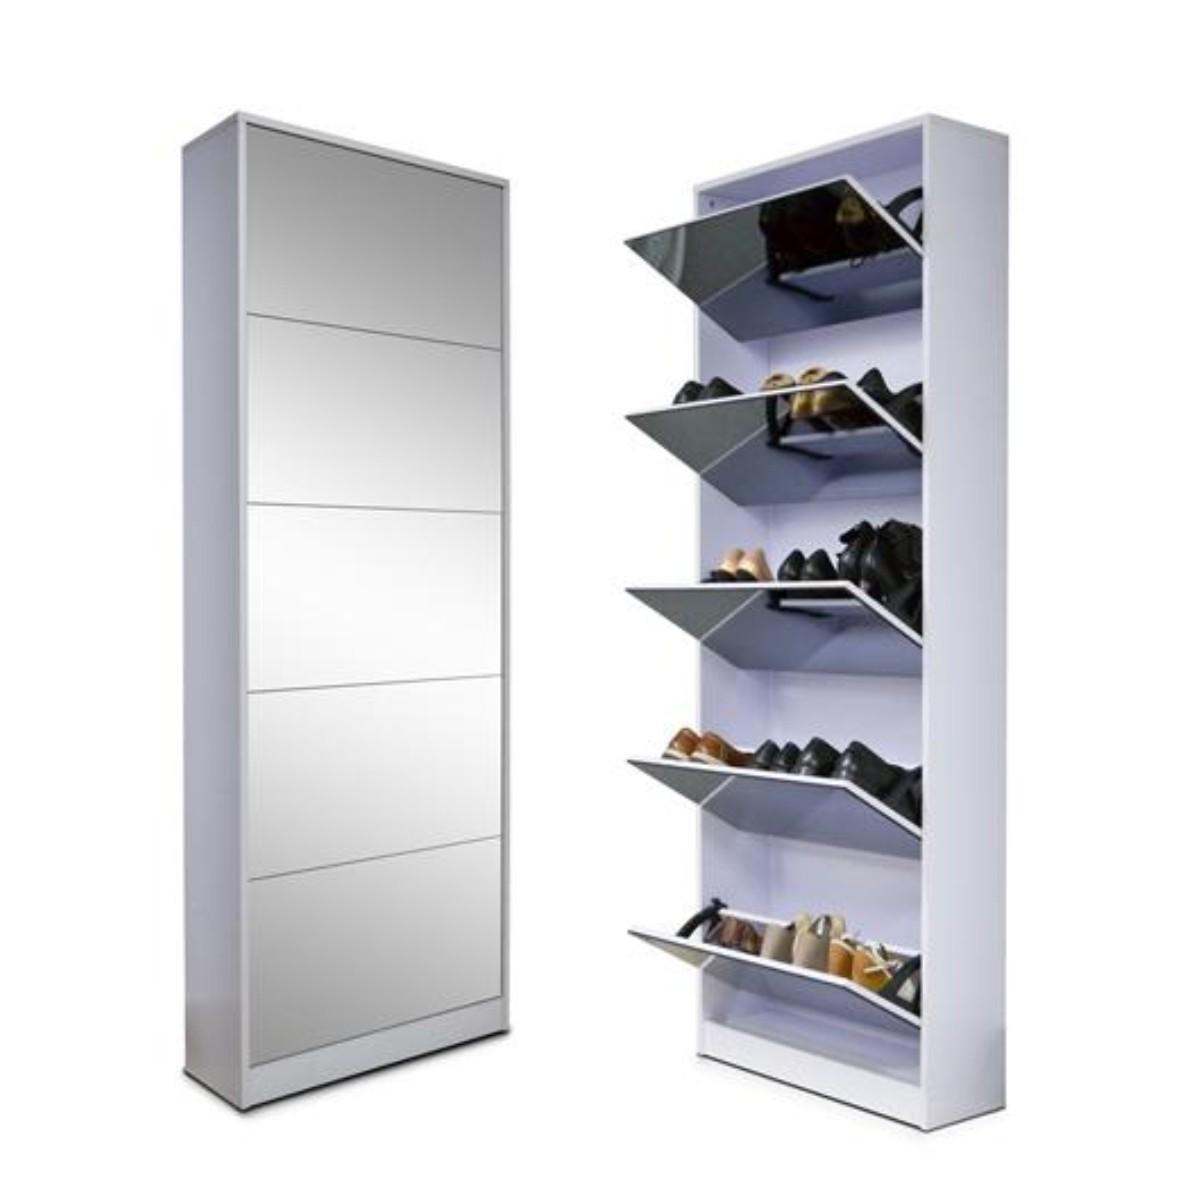 Mueble zapatero con espejo capacidad para 20 pares for Hacer mueble zapatero